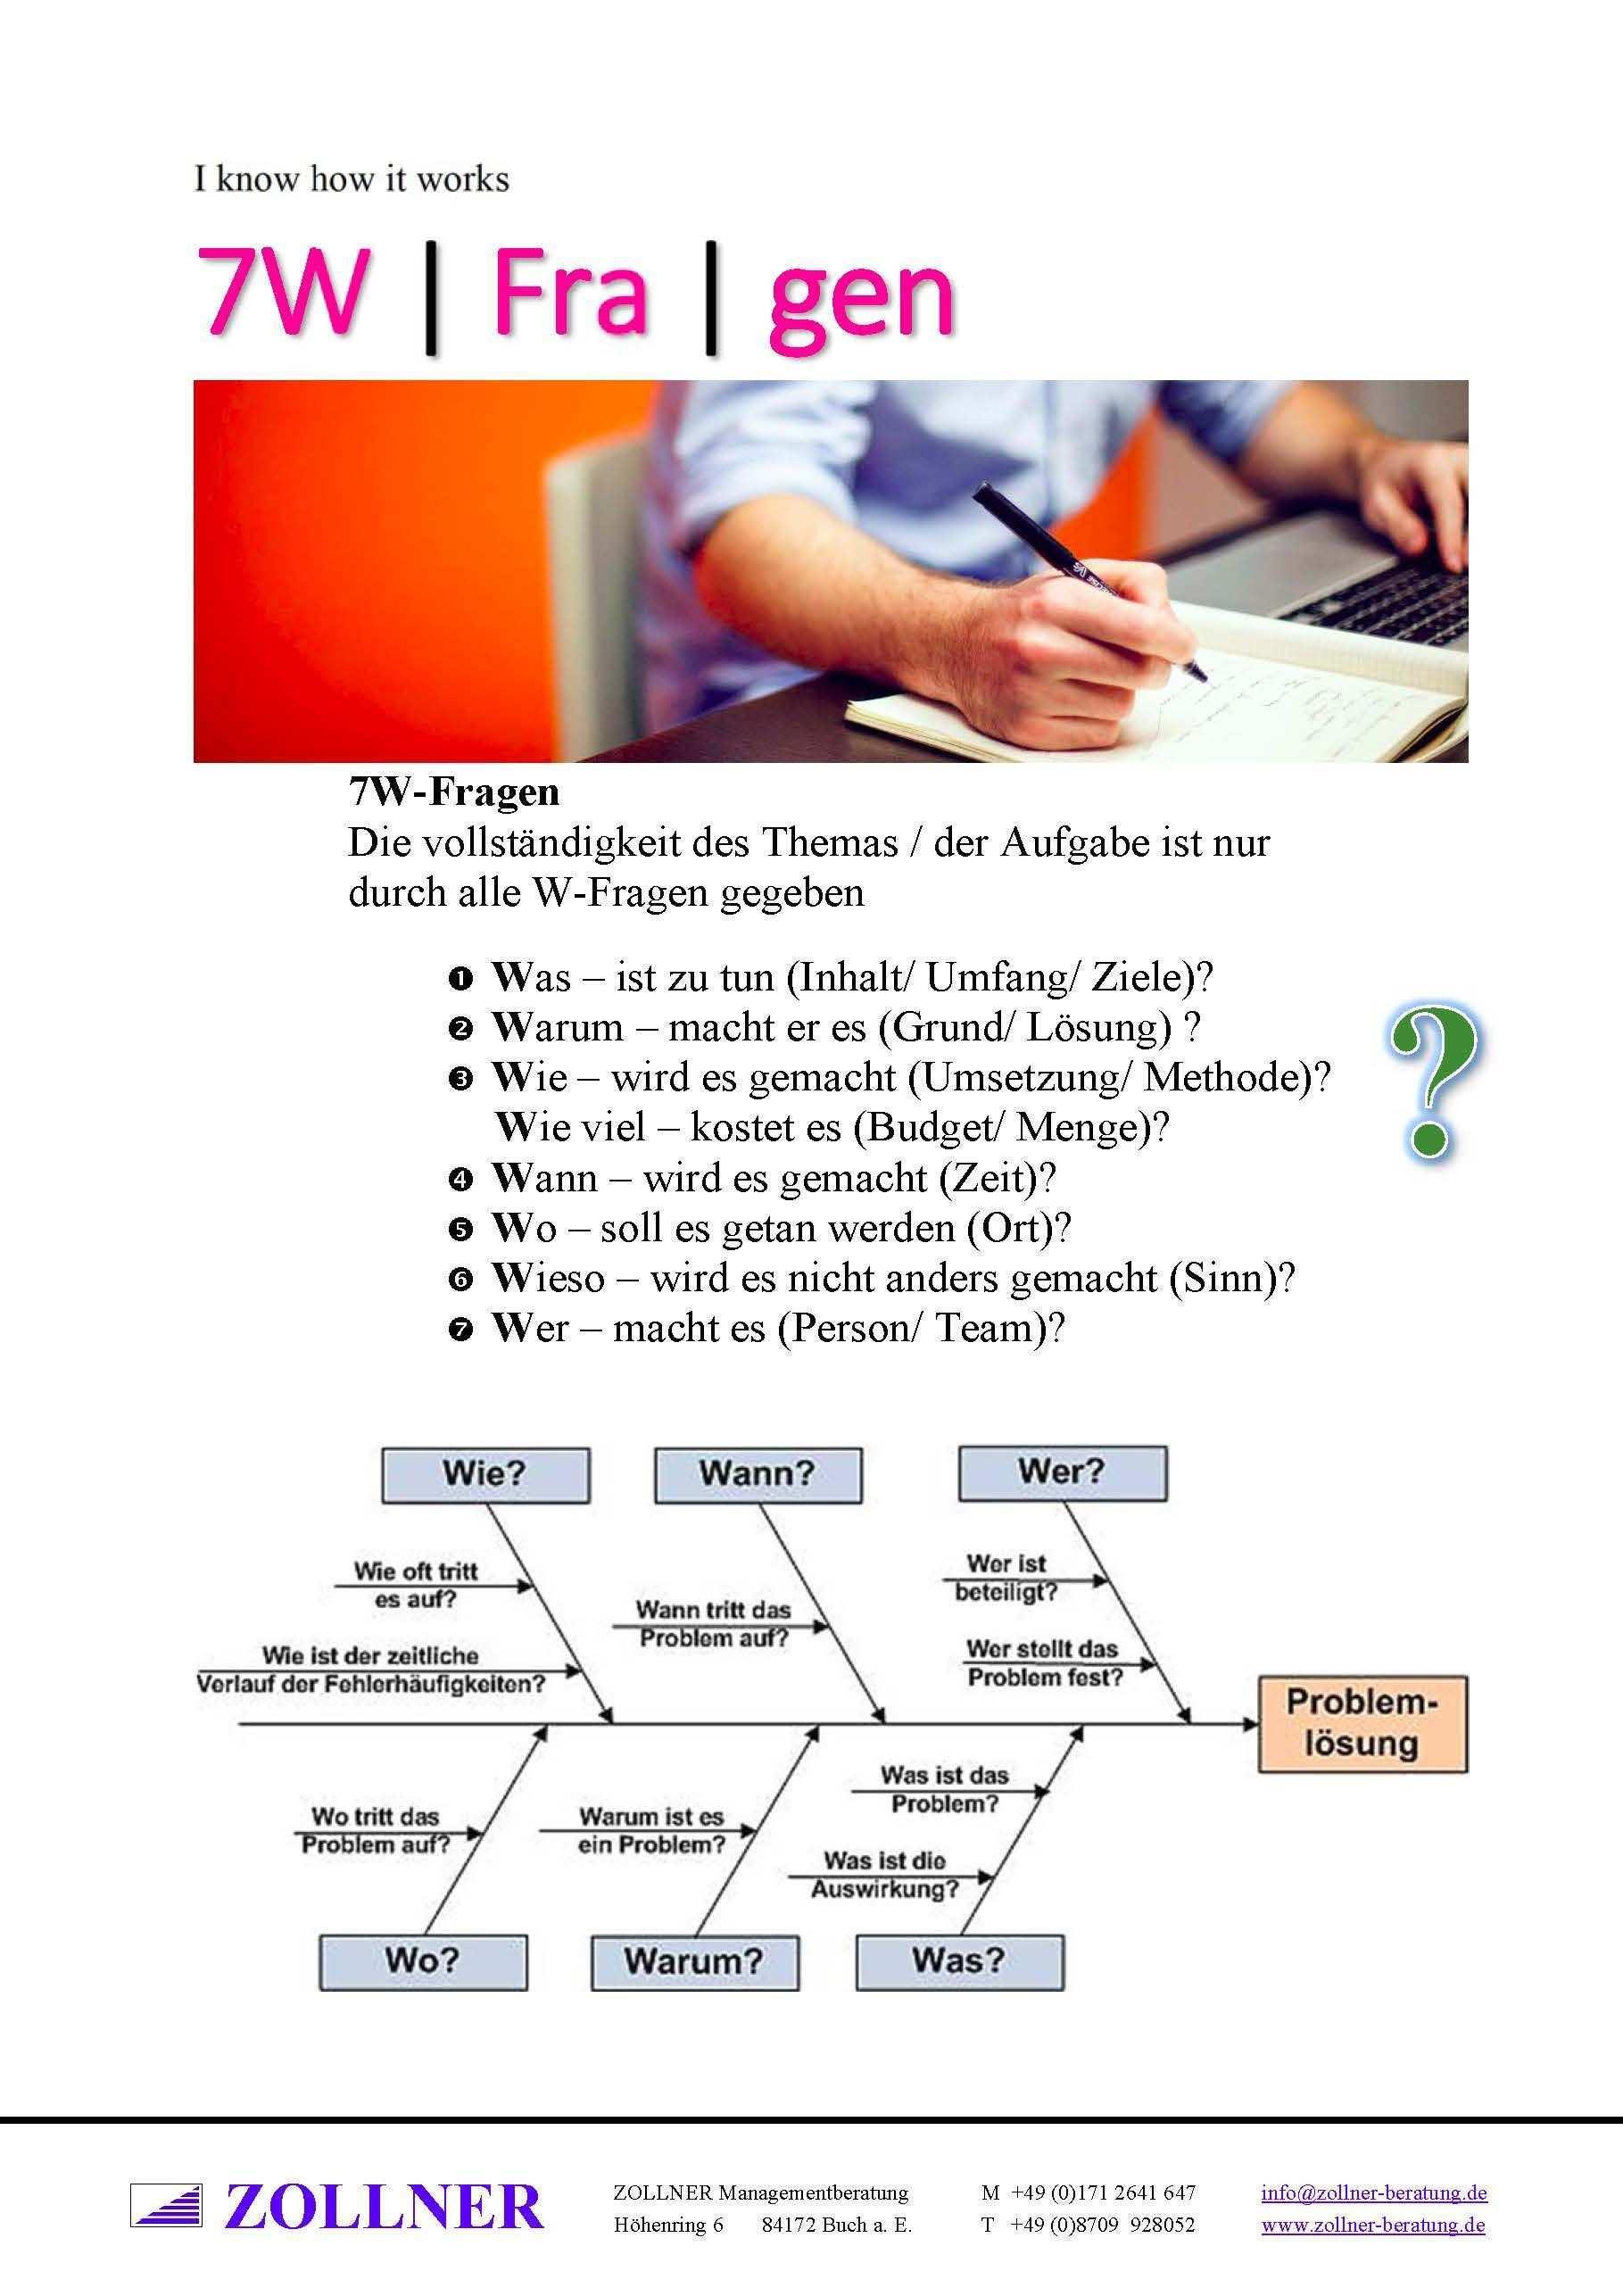 7w Fragen Die Vollstandigkeit Des Themas Der Aufgabe Ist Nur Durch Alle W Fragen Gegeben Was Ist Zu Tun Inhalt Umf W Fragen Lernen Prasentation Tipps